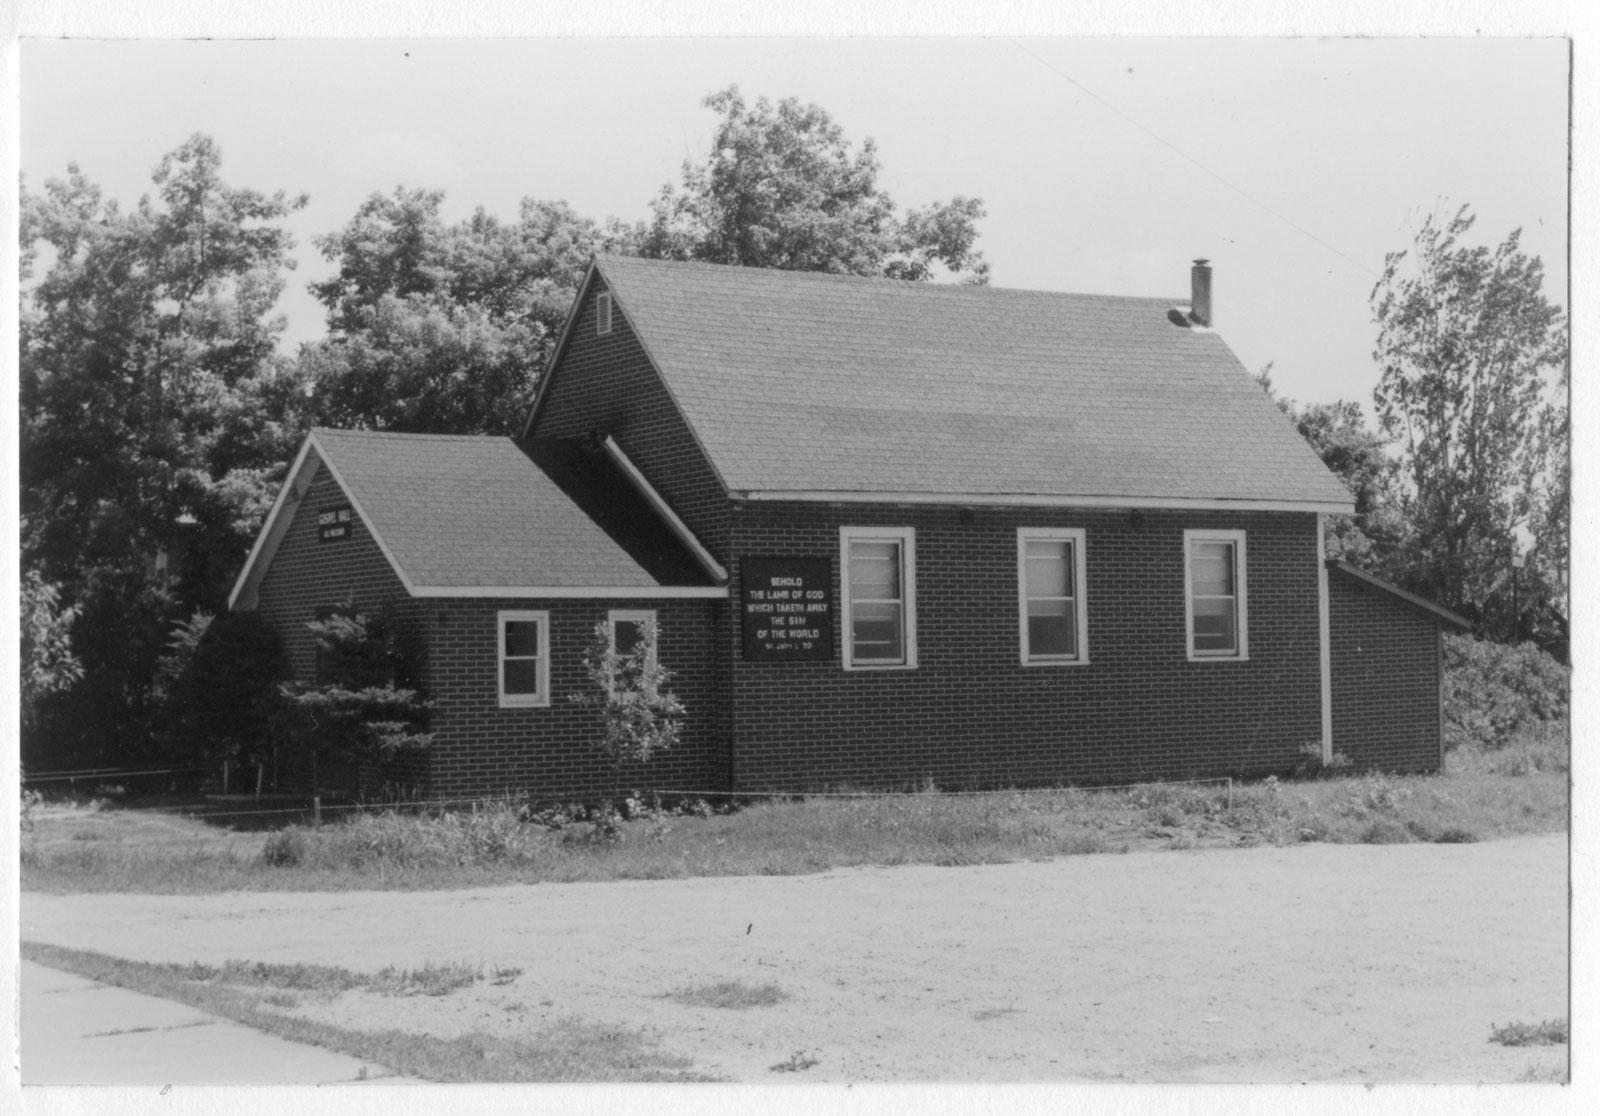 South River Gospel Hall, circa 1950